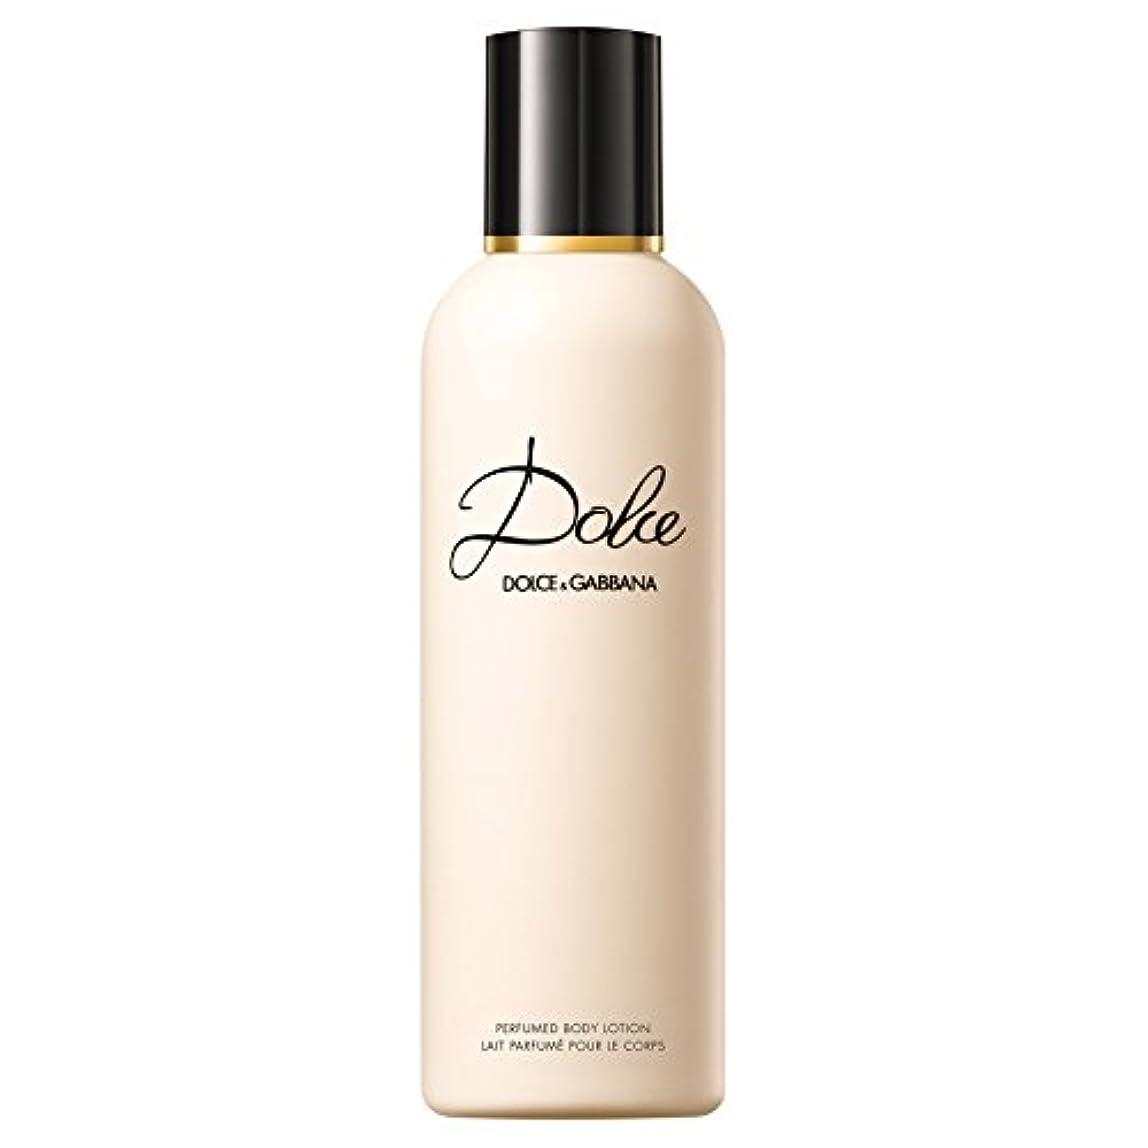 待って意図的生きているドルチェ&ガッバーナドルチェのボディローション200ミリリットル (Dolce & Gabbana) - Dolce & Gabbana Dolce Body Lotion 200ml [並行輸入品]